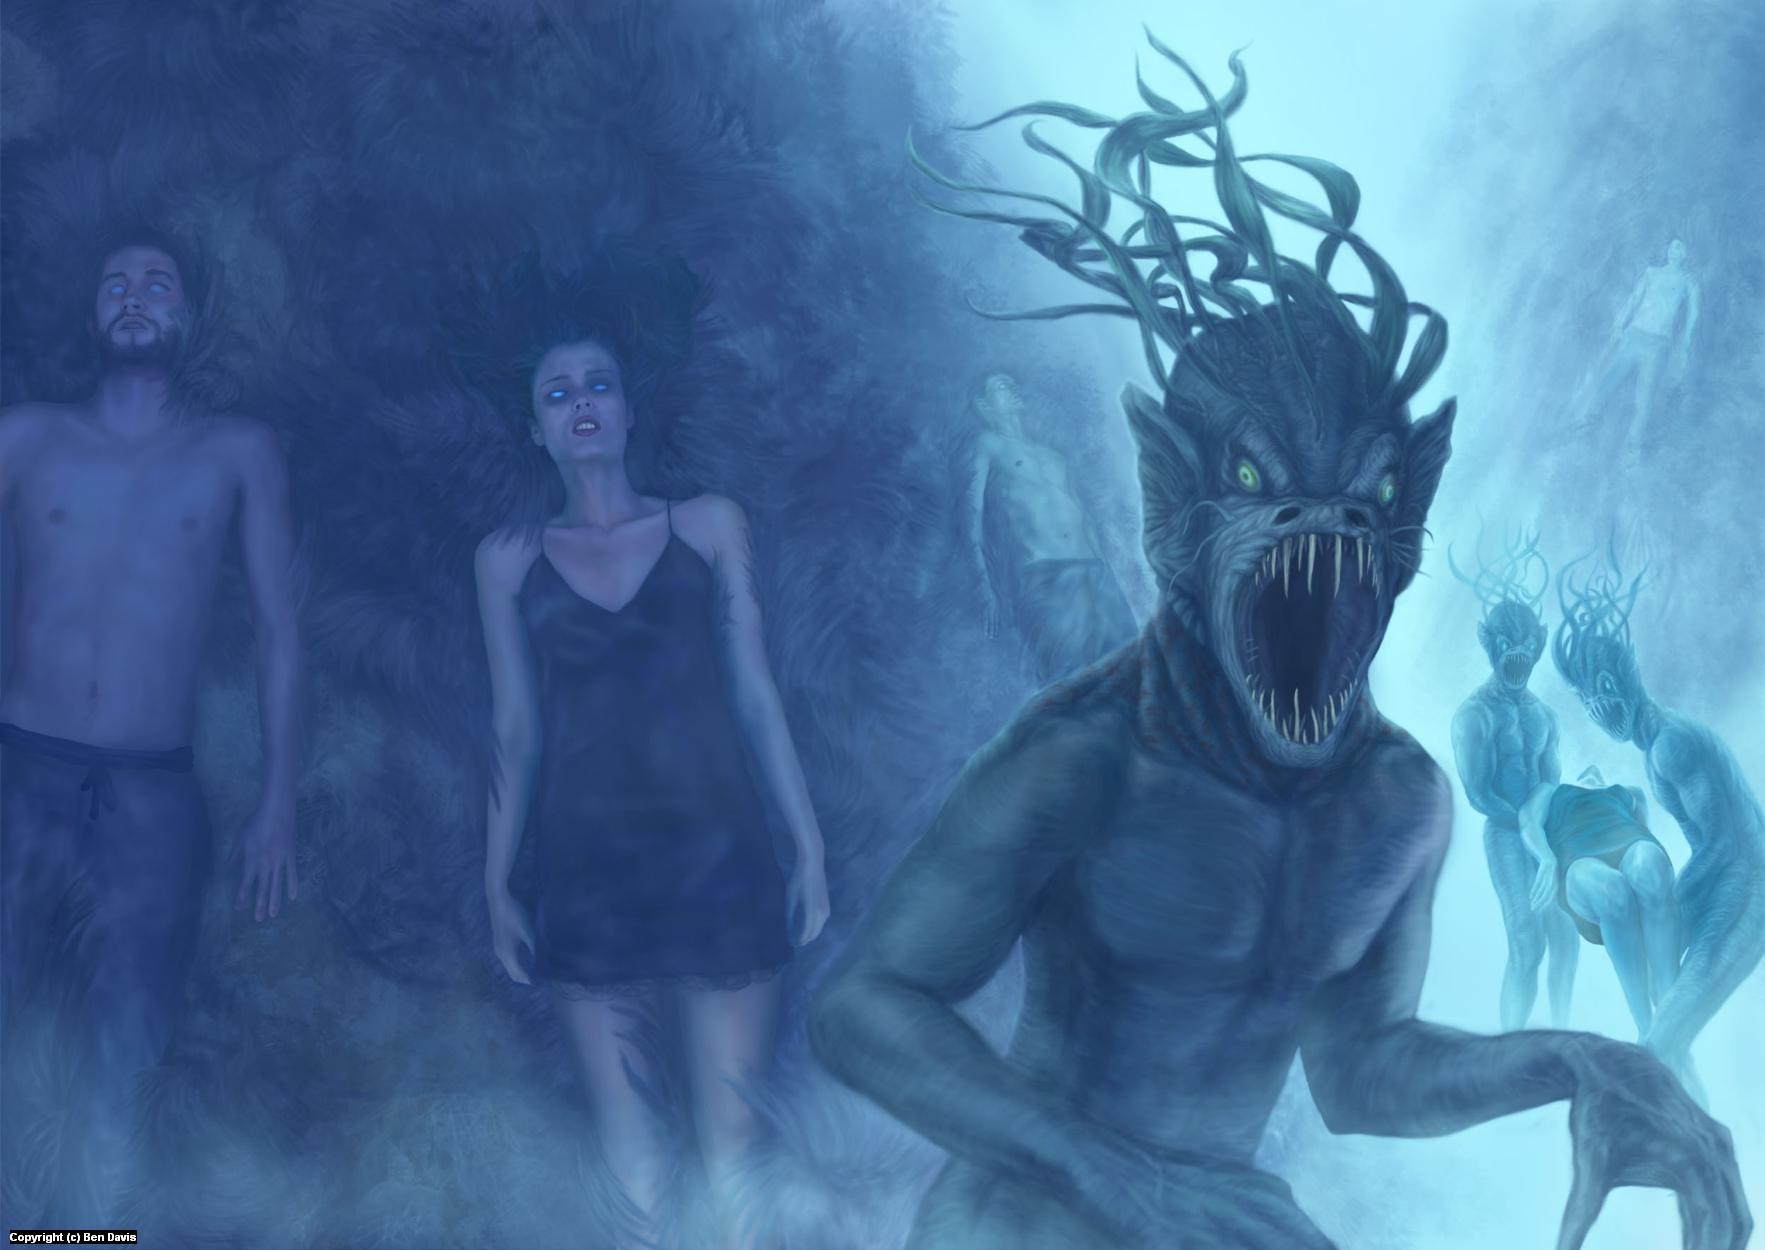 Deep Sea Abductors Artwork by Ben Davis